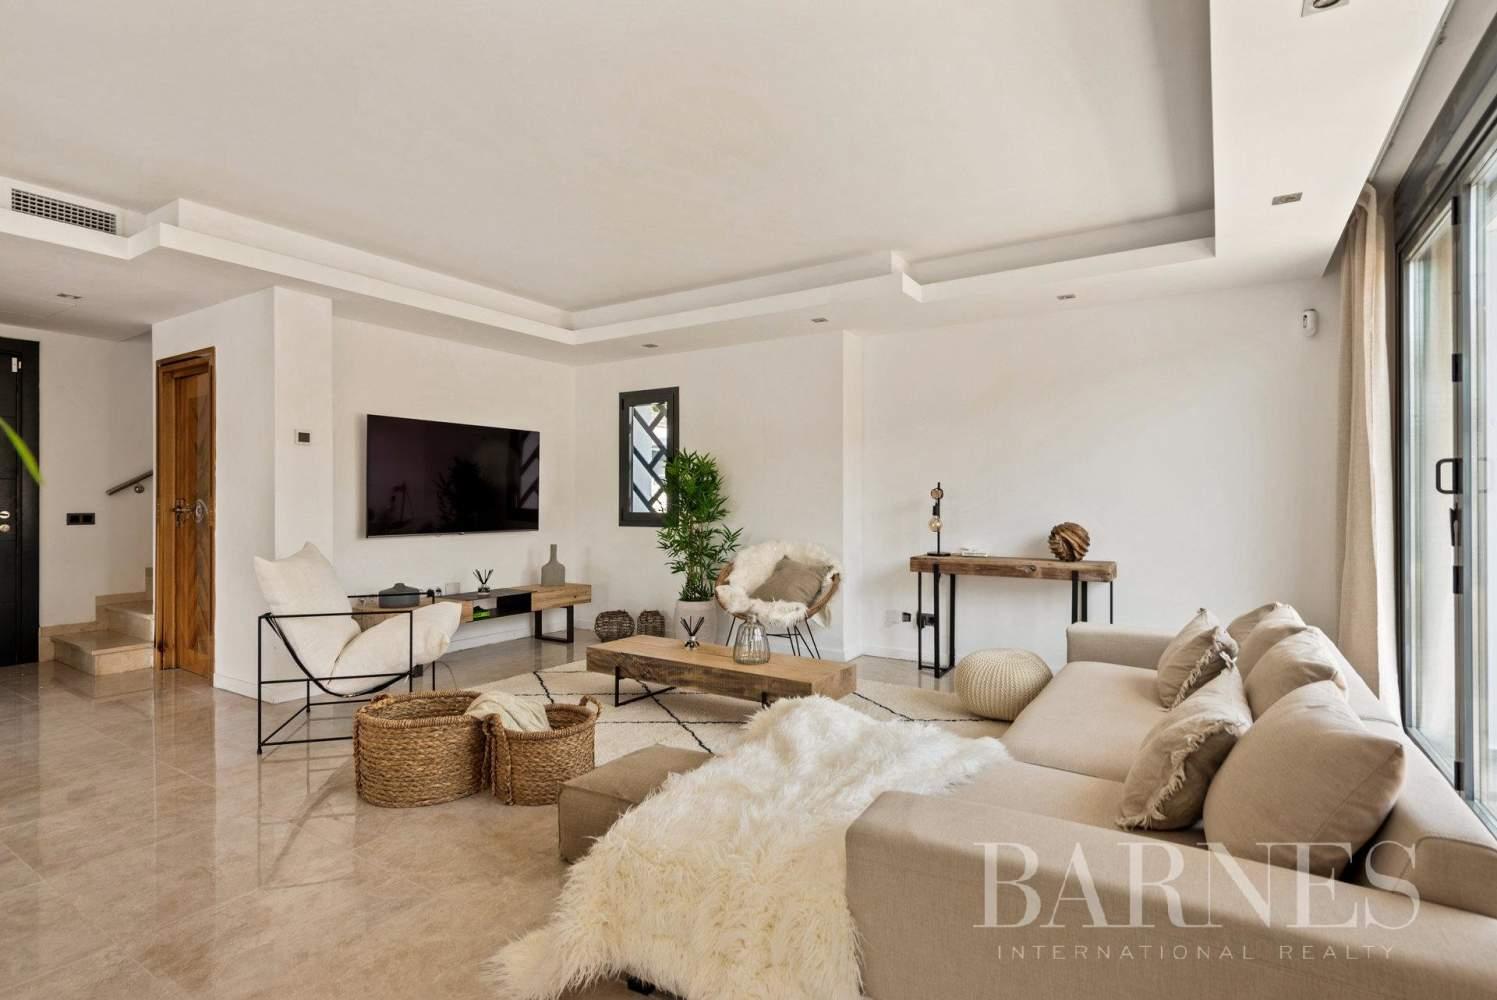 Marbella  - Villa  5 Habitaciones - picture 4